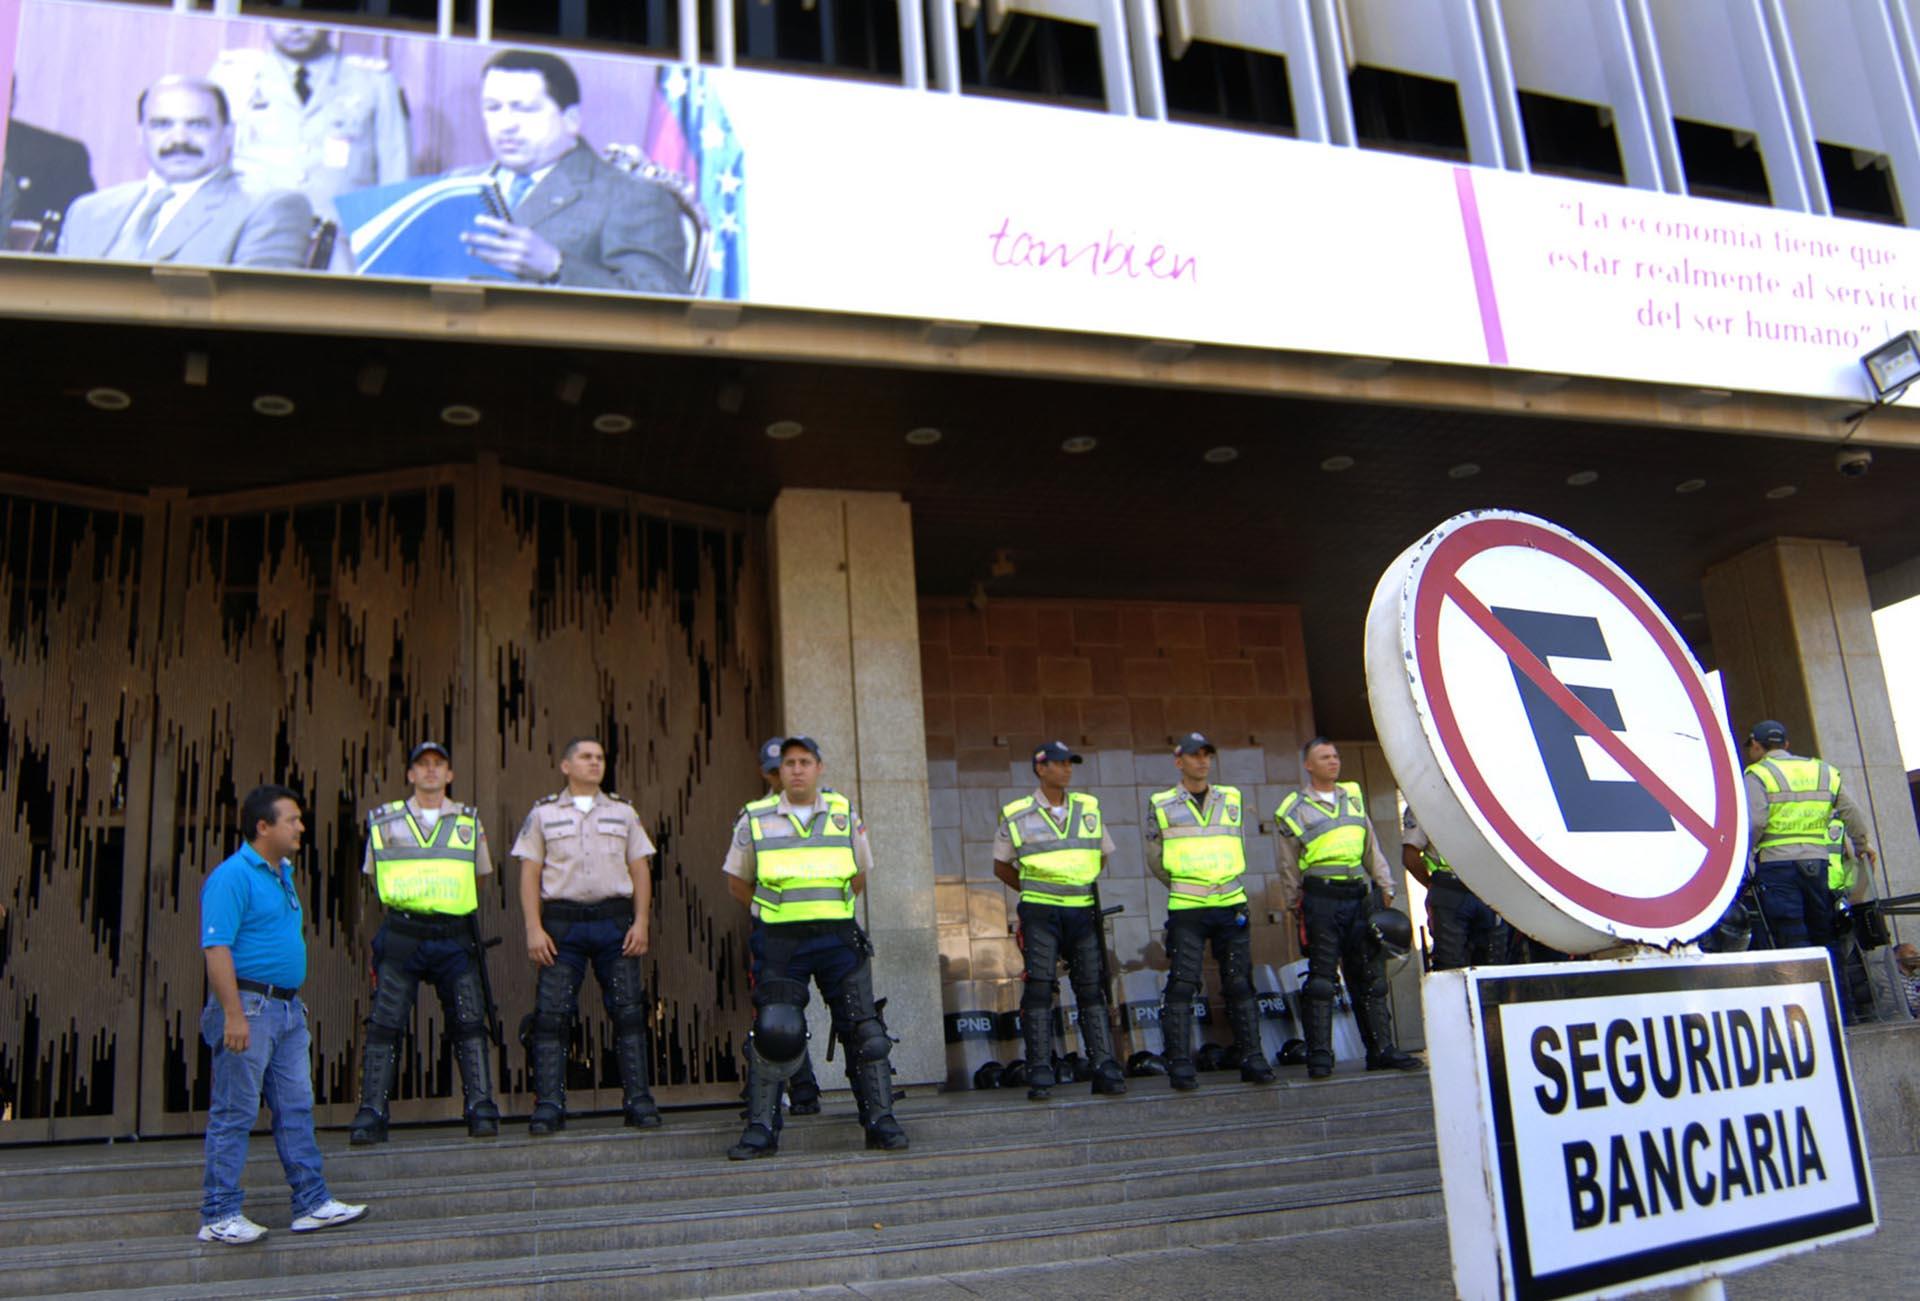 Personal de seguridad custodia la zona mientras un grupo de personas protesta en el centro y las inmediaciones del Banco Centra de Venezuela en Maracaibo